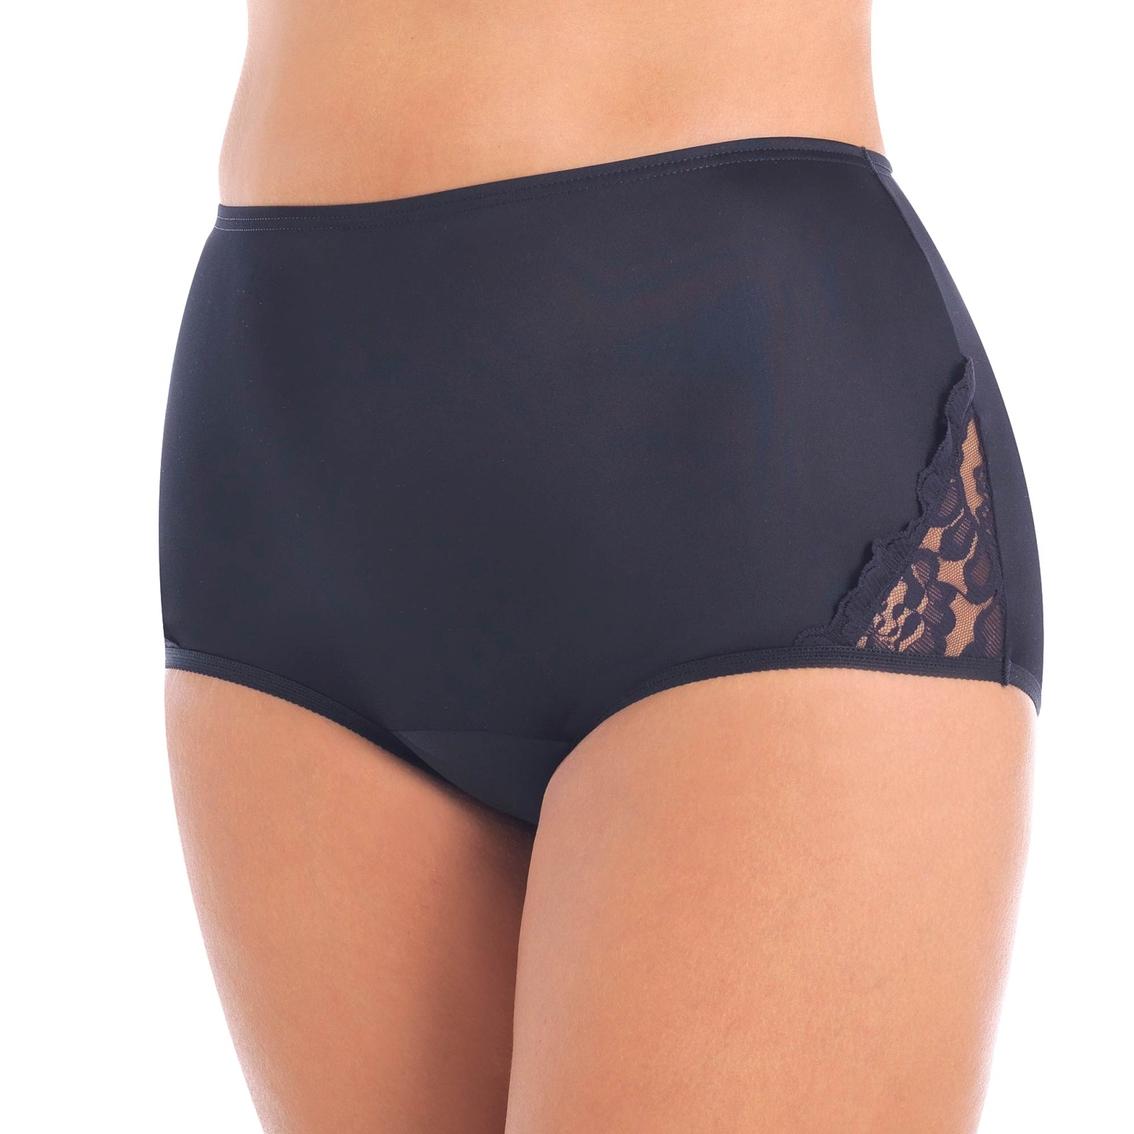 fcb29e545866 Vanity Fair Perfectly Yours Lace Nouveau Briefs | Panties | Apparel ...